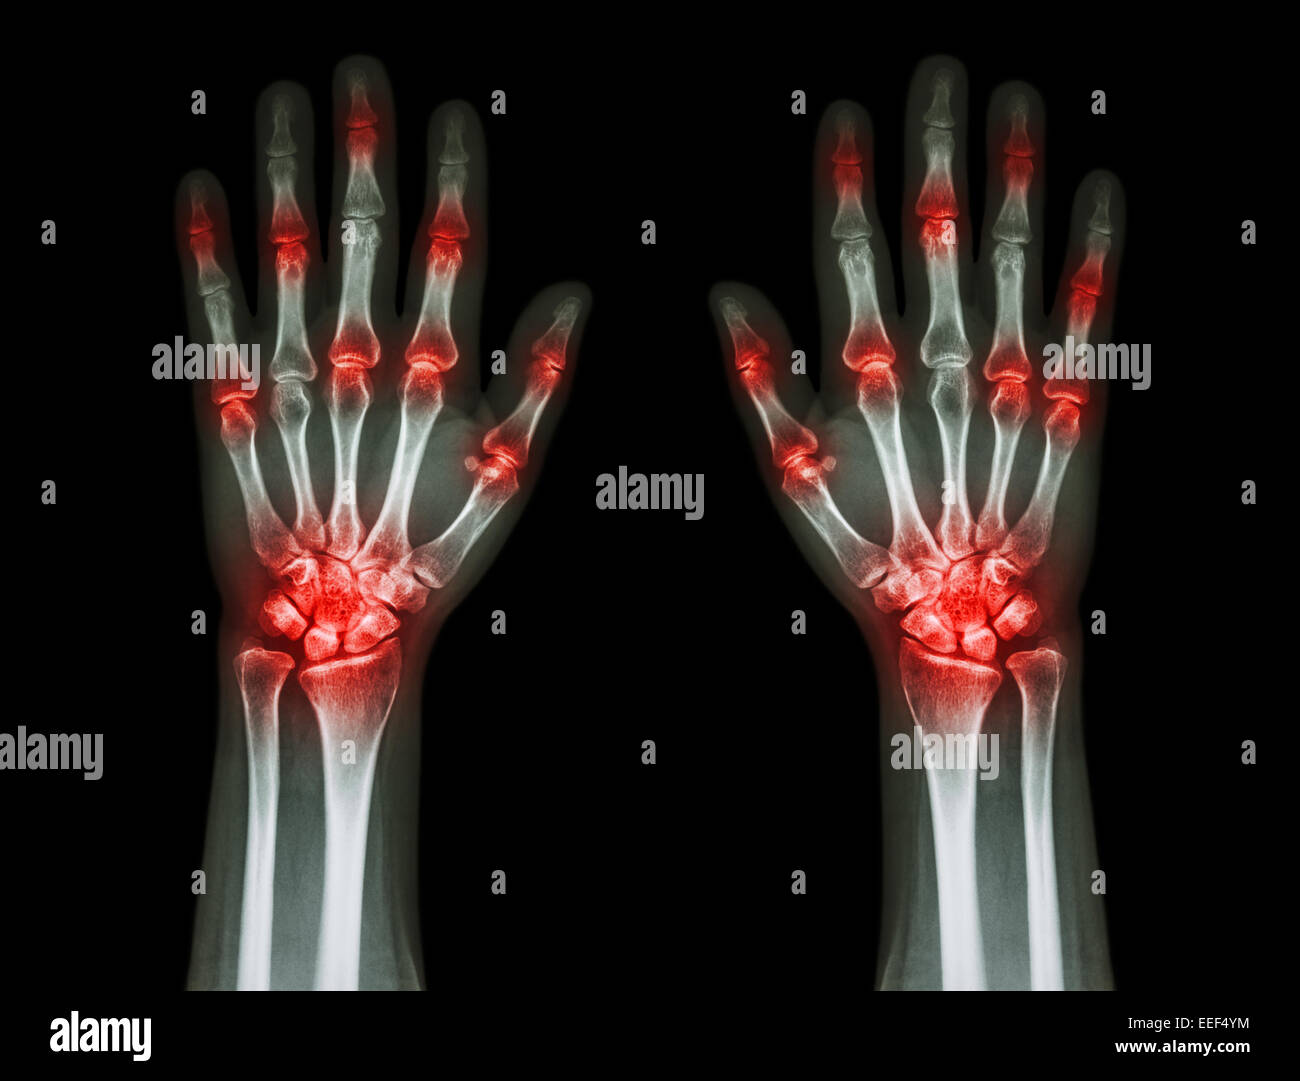 mehrere gemeinsame Arthritis Hände (Gicht, rheumatoide) auf schwarzem Hintergrund Stockbild